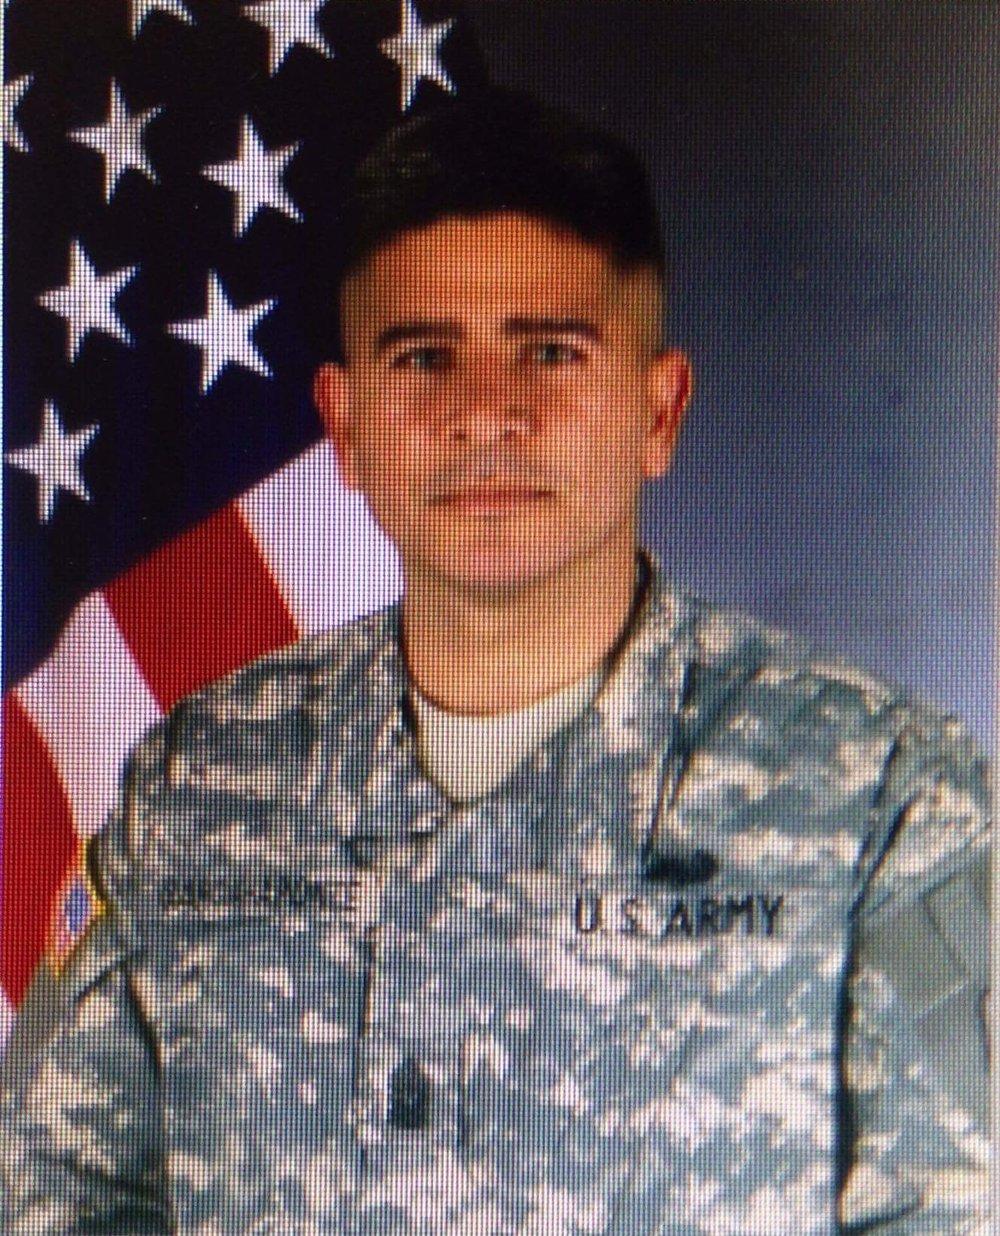 Jose Garcia Aponte, US Army